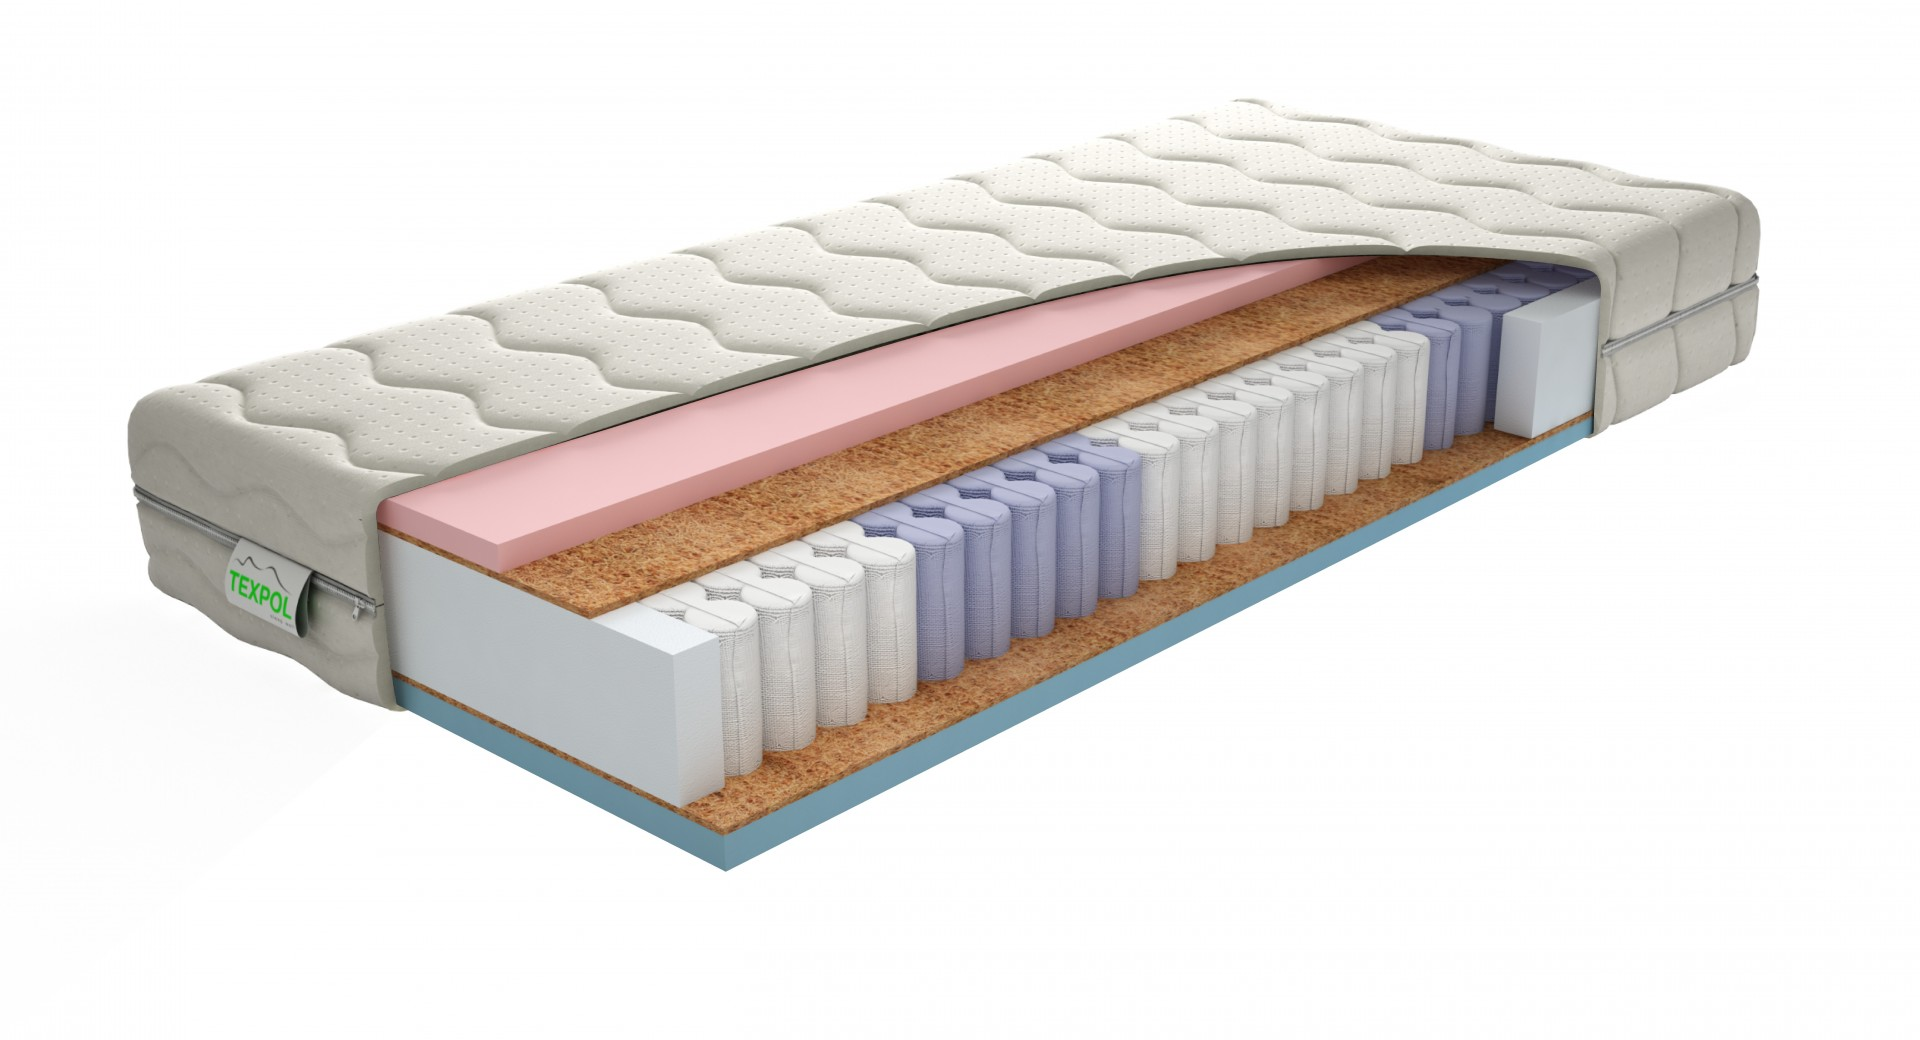 Texpol STELA LUX - luxusný taštičkový matrac s poťahom Aloe Vera, snímateľný poťah